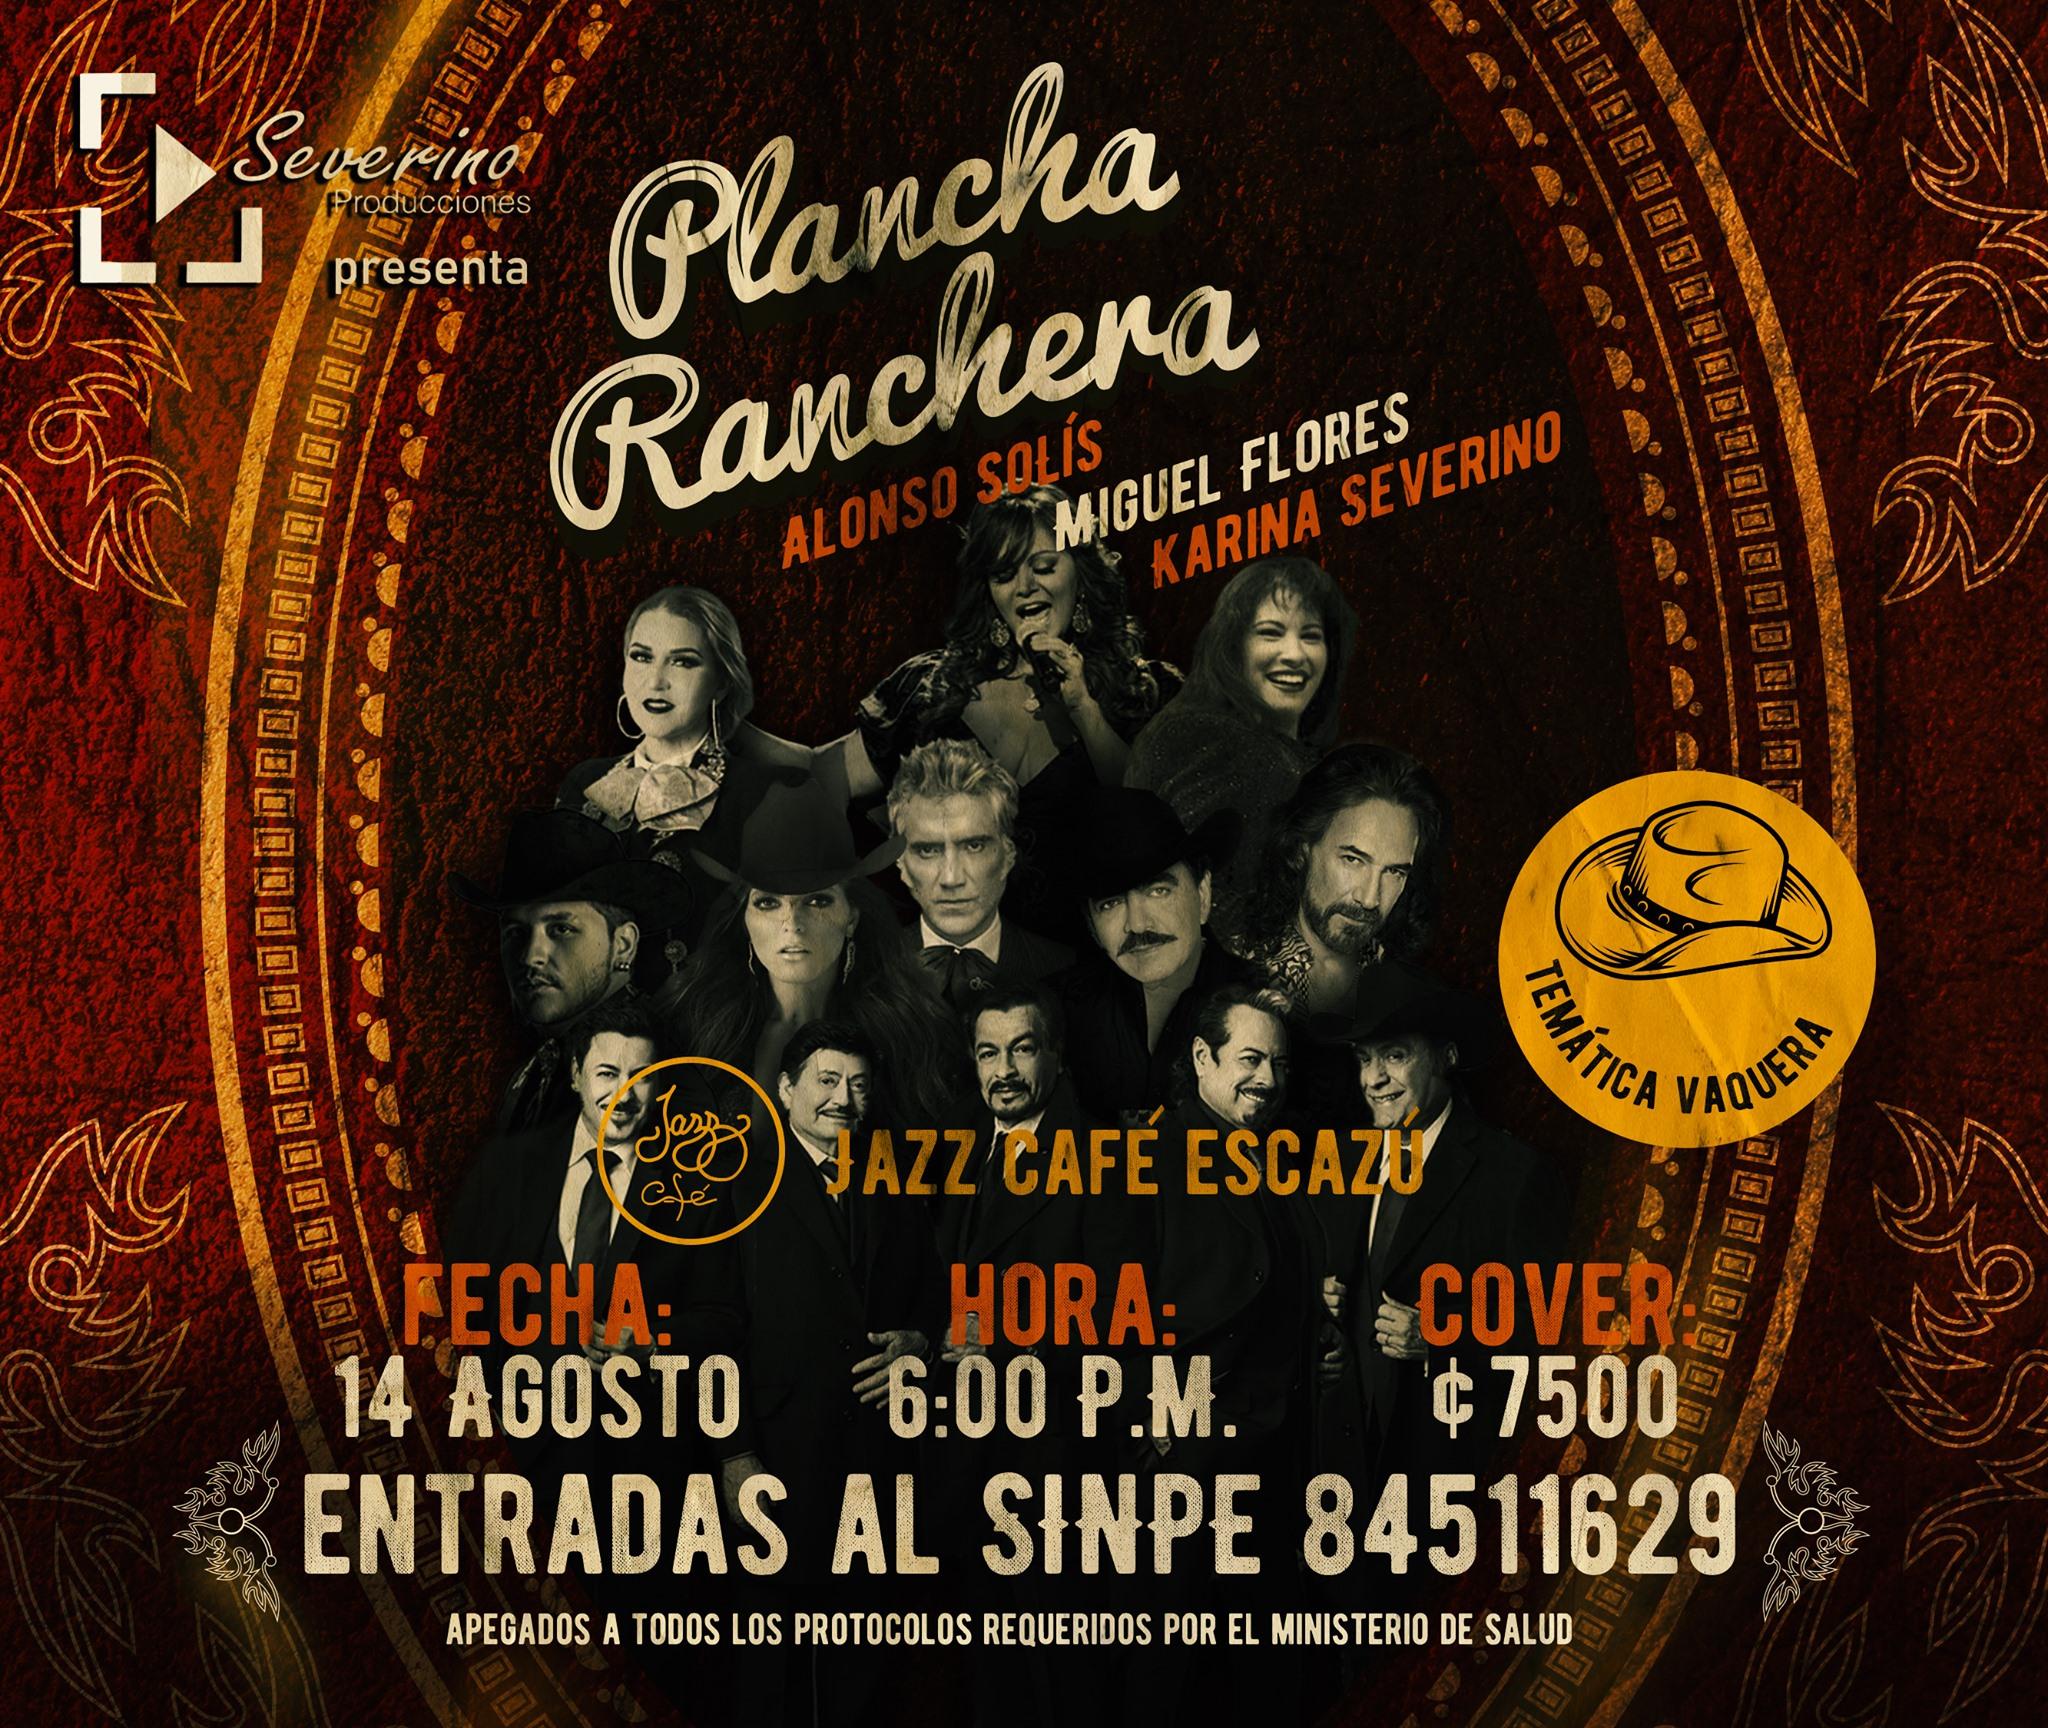 Noche Ranchera